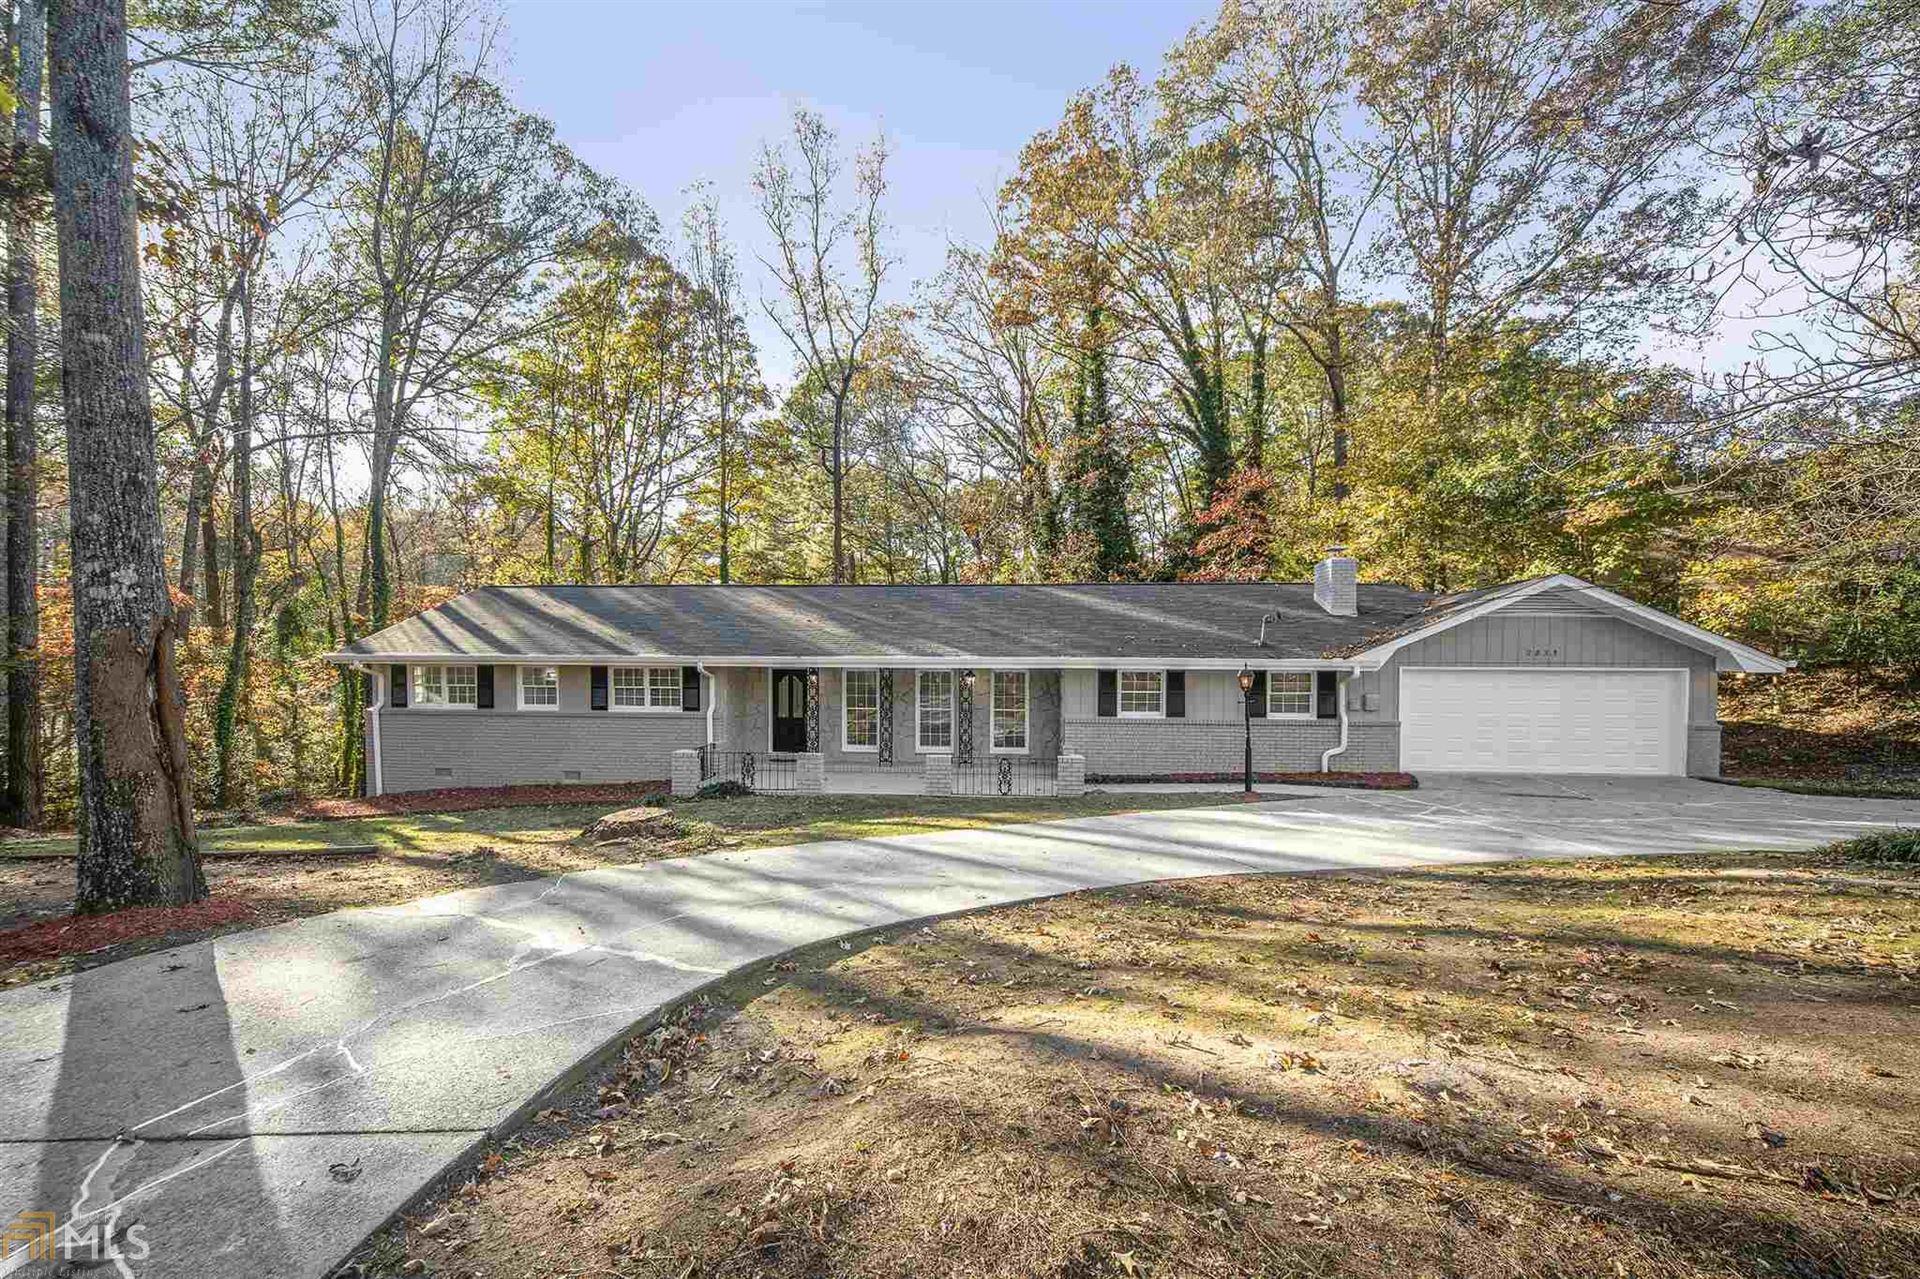 2835 Hickory Cir, Snellville, GA 30078 - MLS#: 8892696